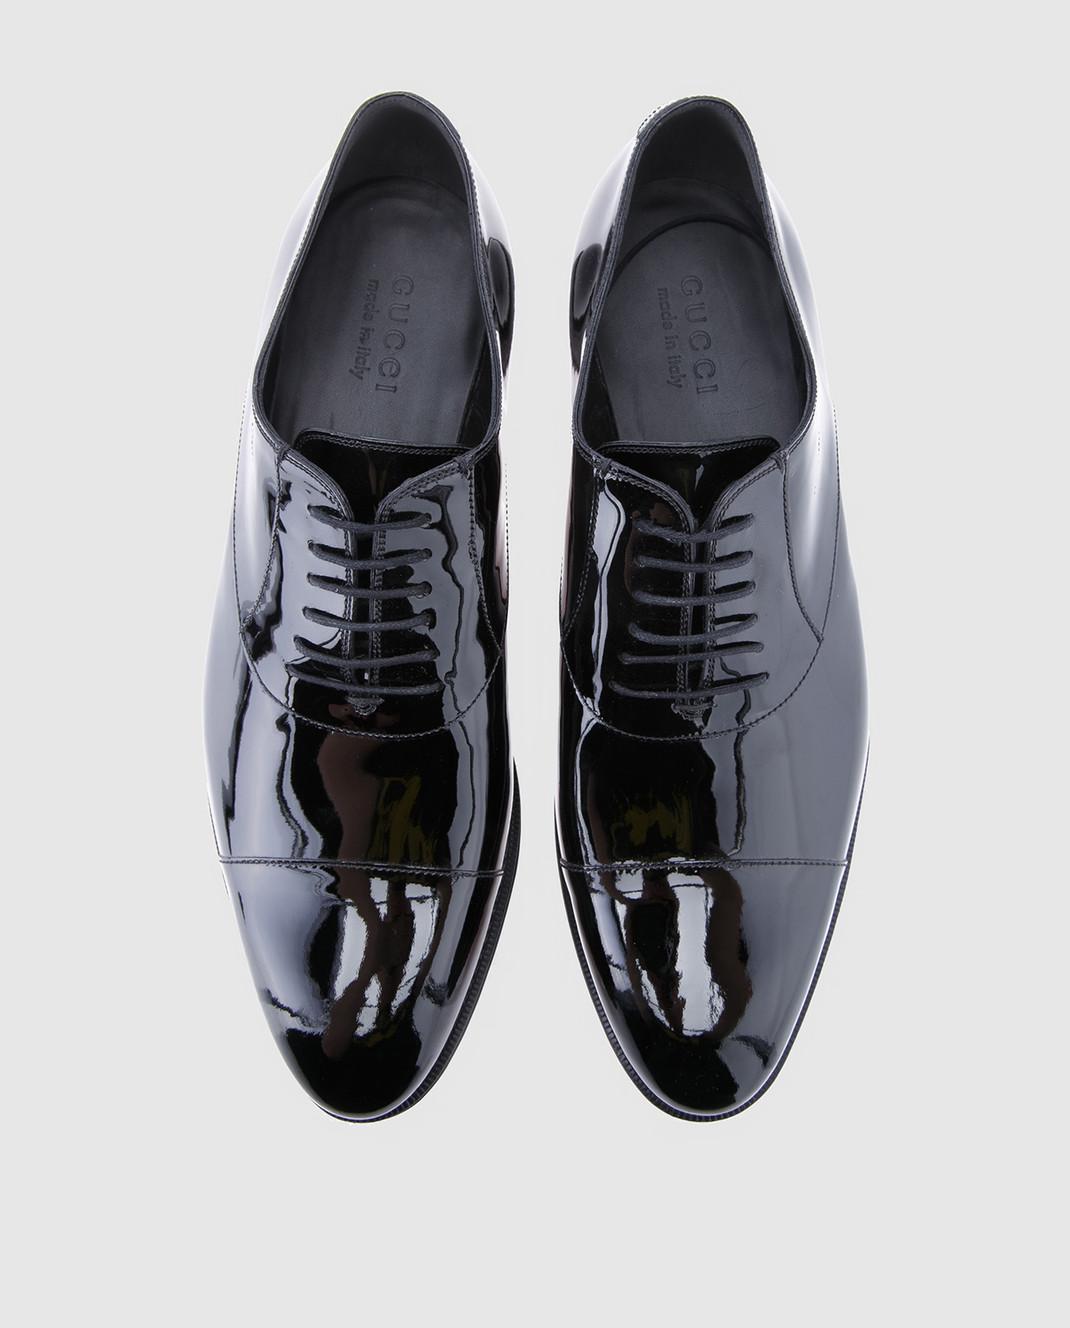 Gucci Черные кожаные оксфорды 457144BNCR0 изображение 4